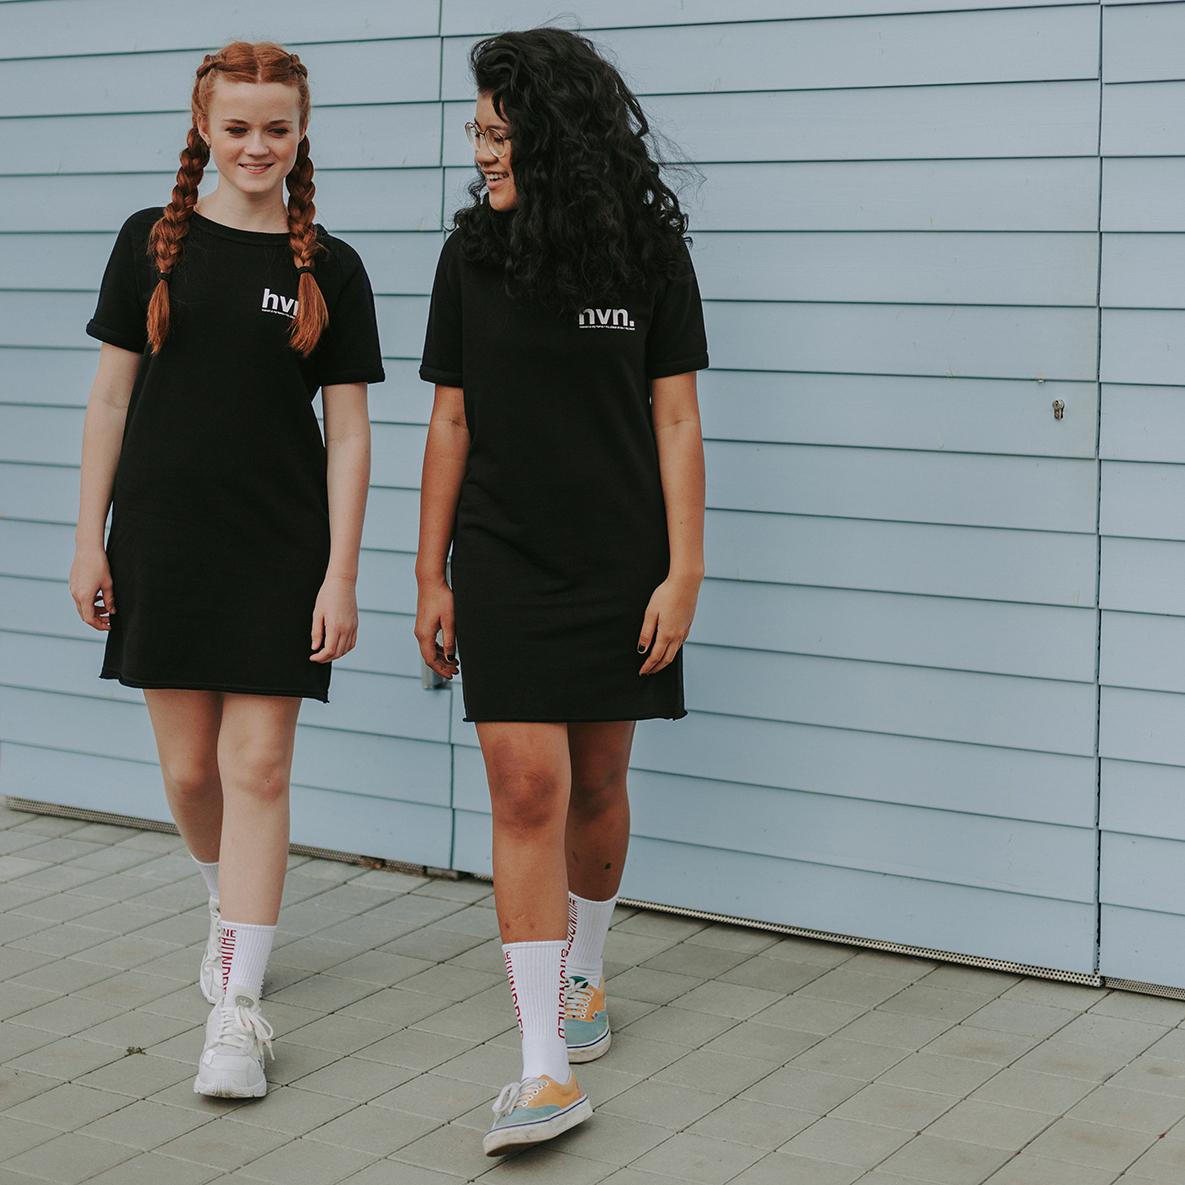 Good-Natured | Christliche Kleidung | Mode | Dresden | hvn. | Heaven | Kleid